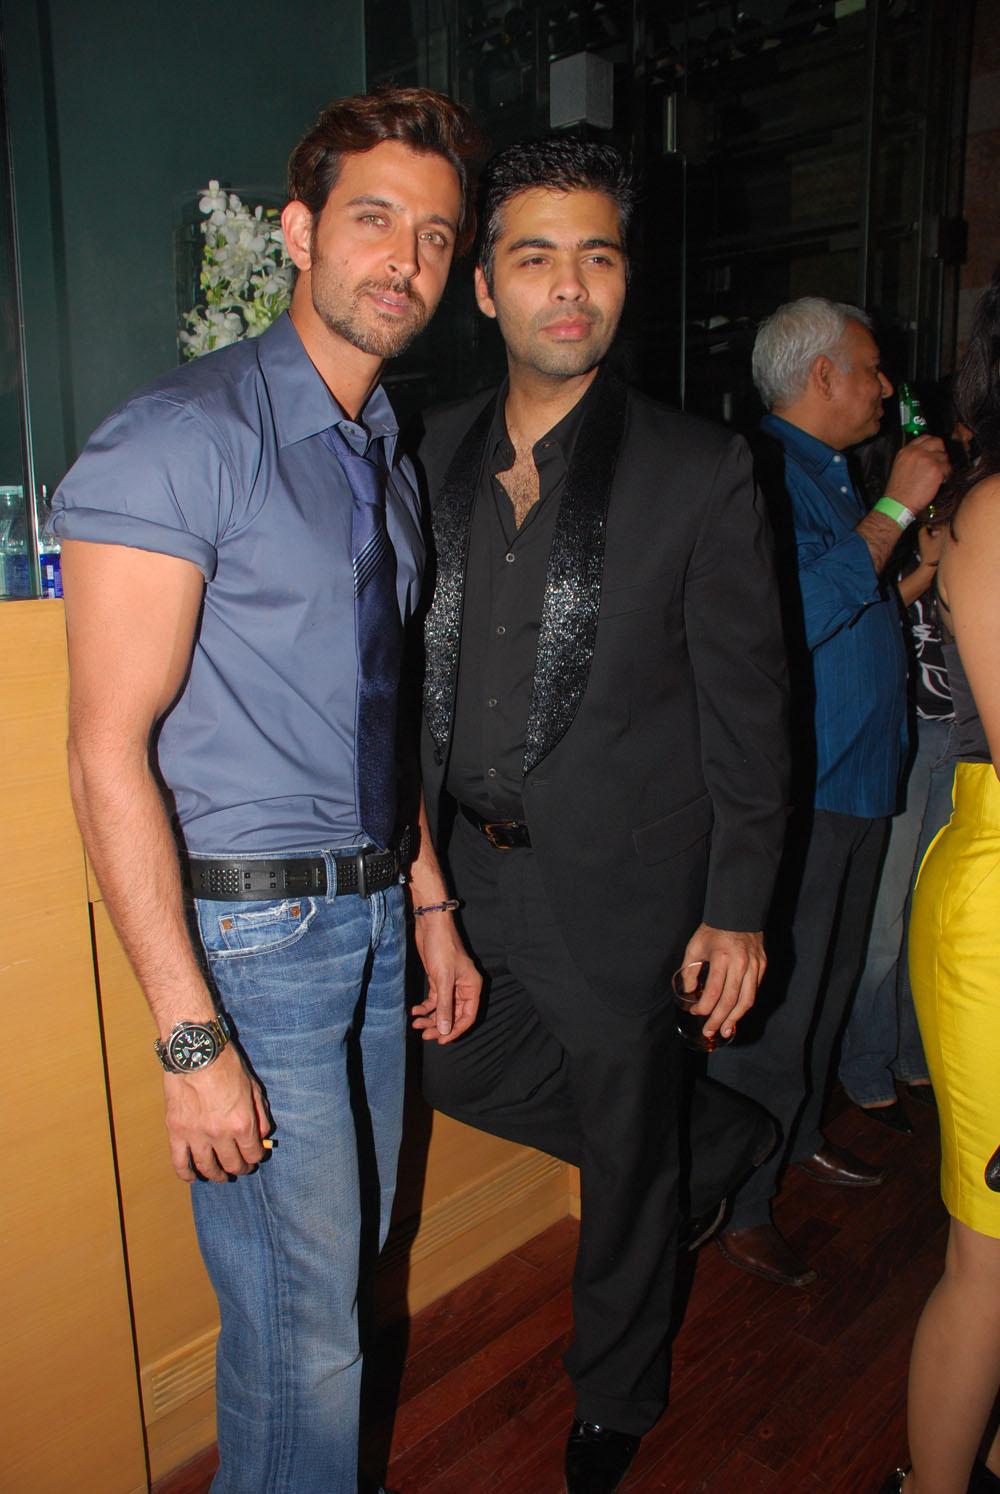 Hrithik Roshan & Karan Johar